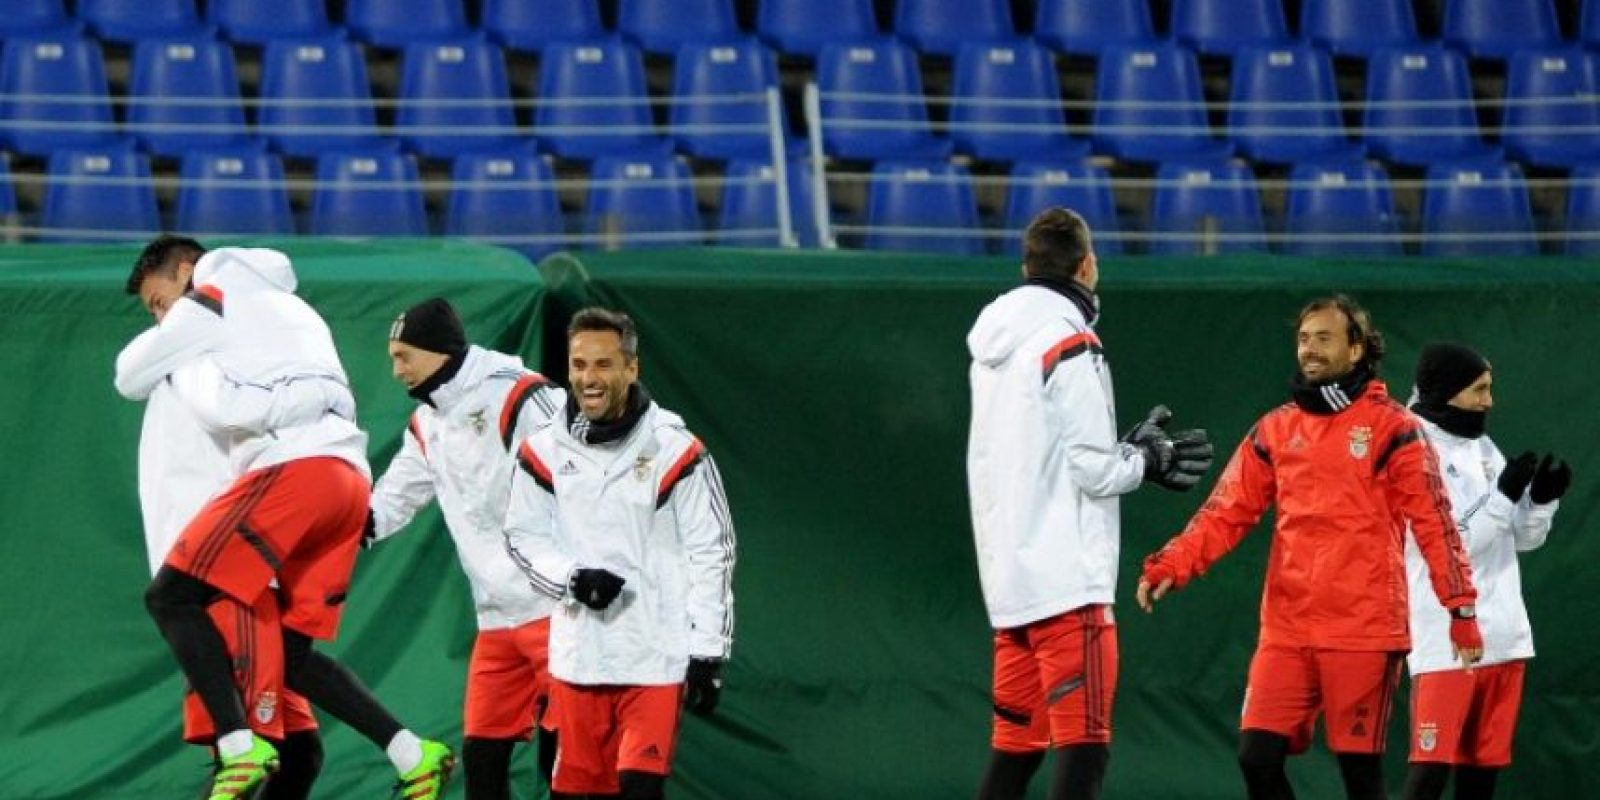 Jugadores del Benfica entrenan previo a un partido de Champions League. Foto:AFP